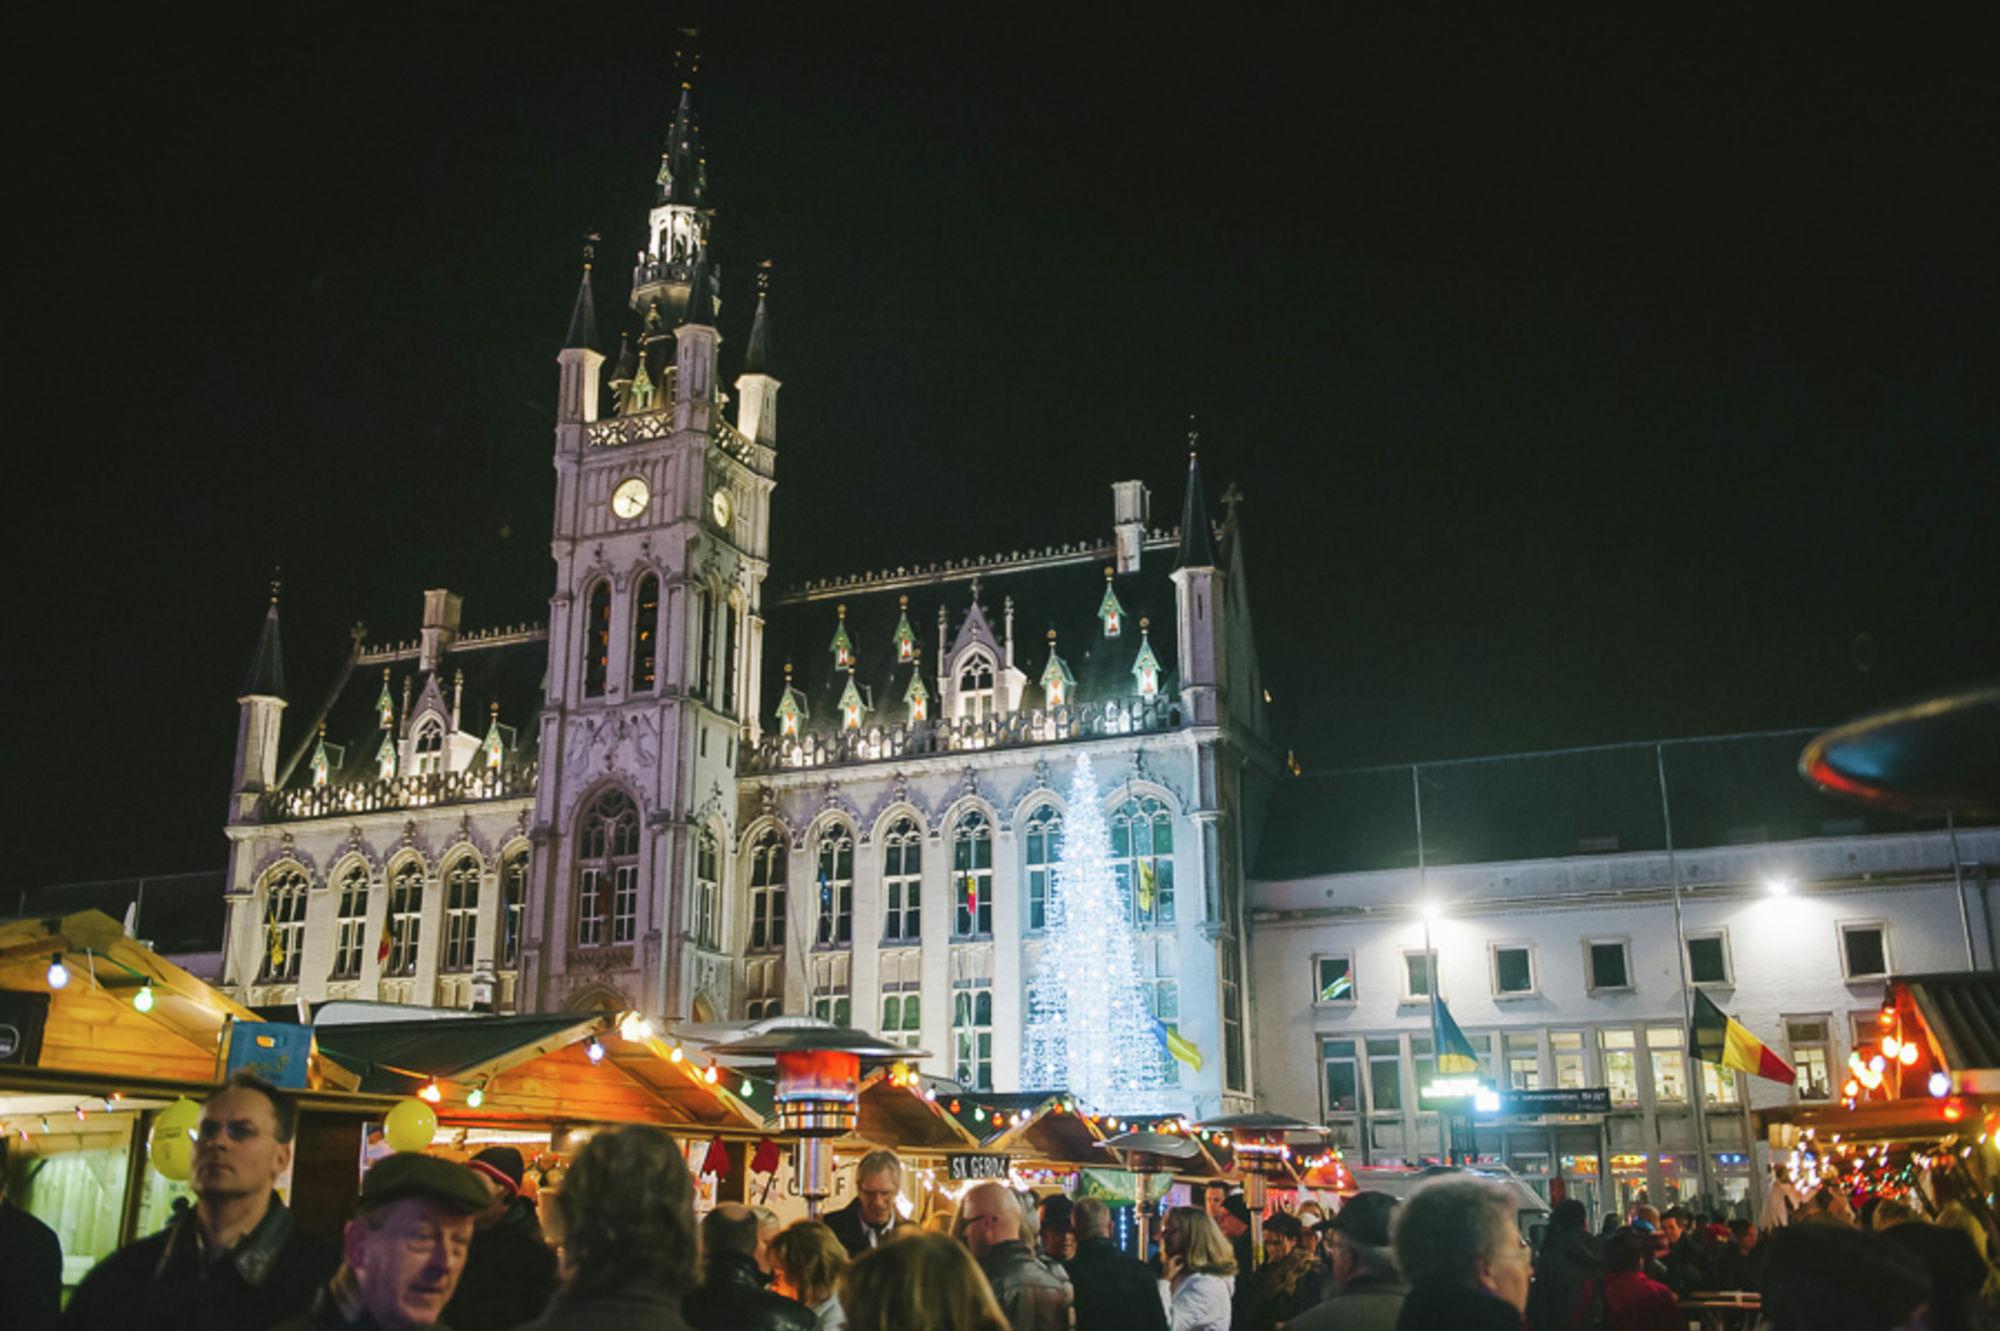 Kerstmarkt Sint-Niklaas 2013